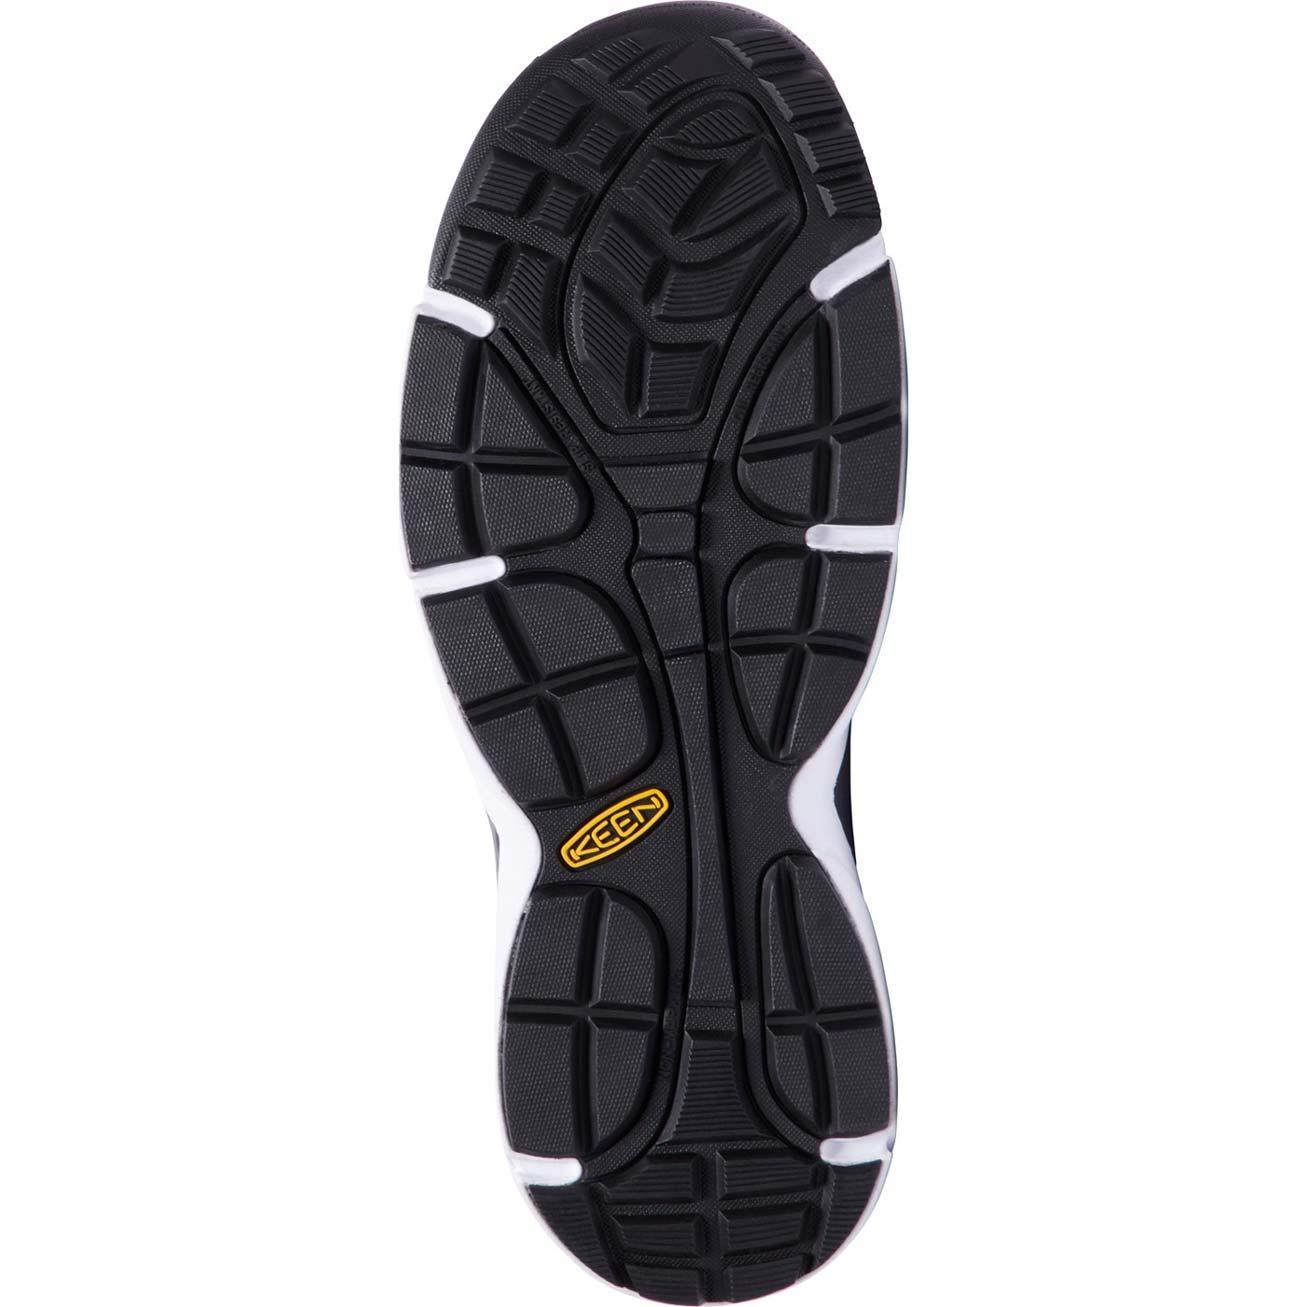 Dansko Shoes San Antonio